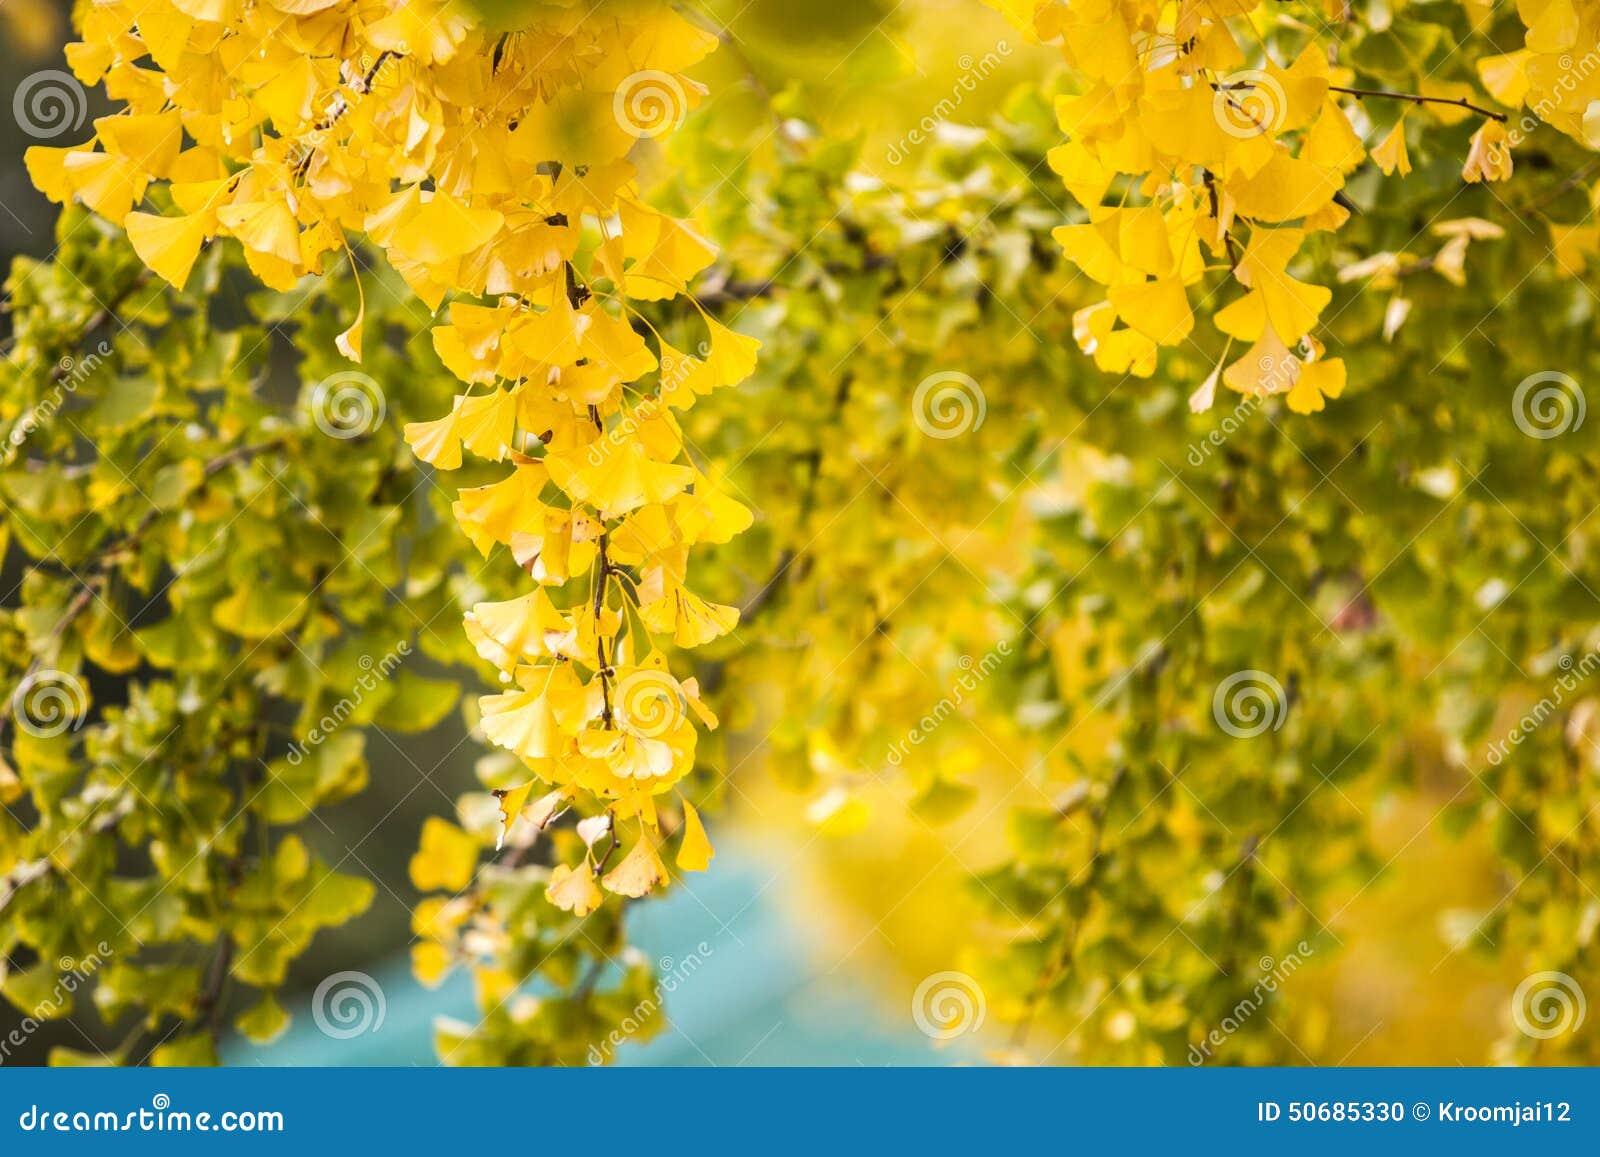 Download 在壮观的秋天颜色的银杏树叶子 库存例证. 插画 包括有 医学, 银杏树, 纹理, 秋天, 背包, 自治权 - 50685330